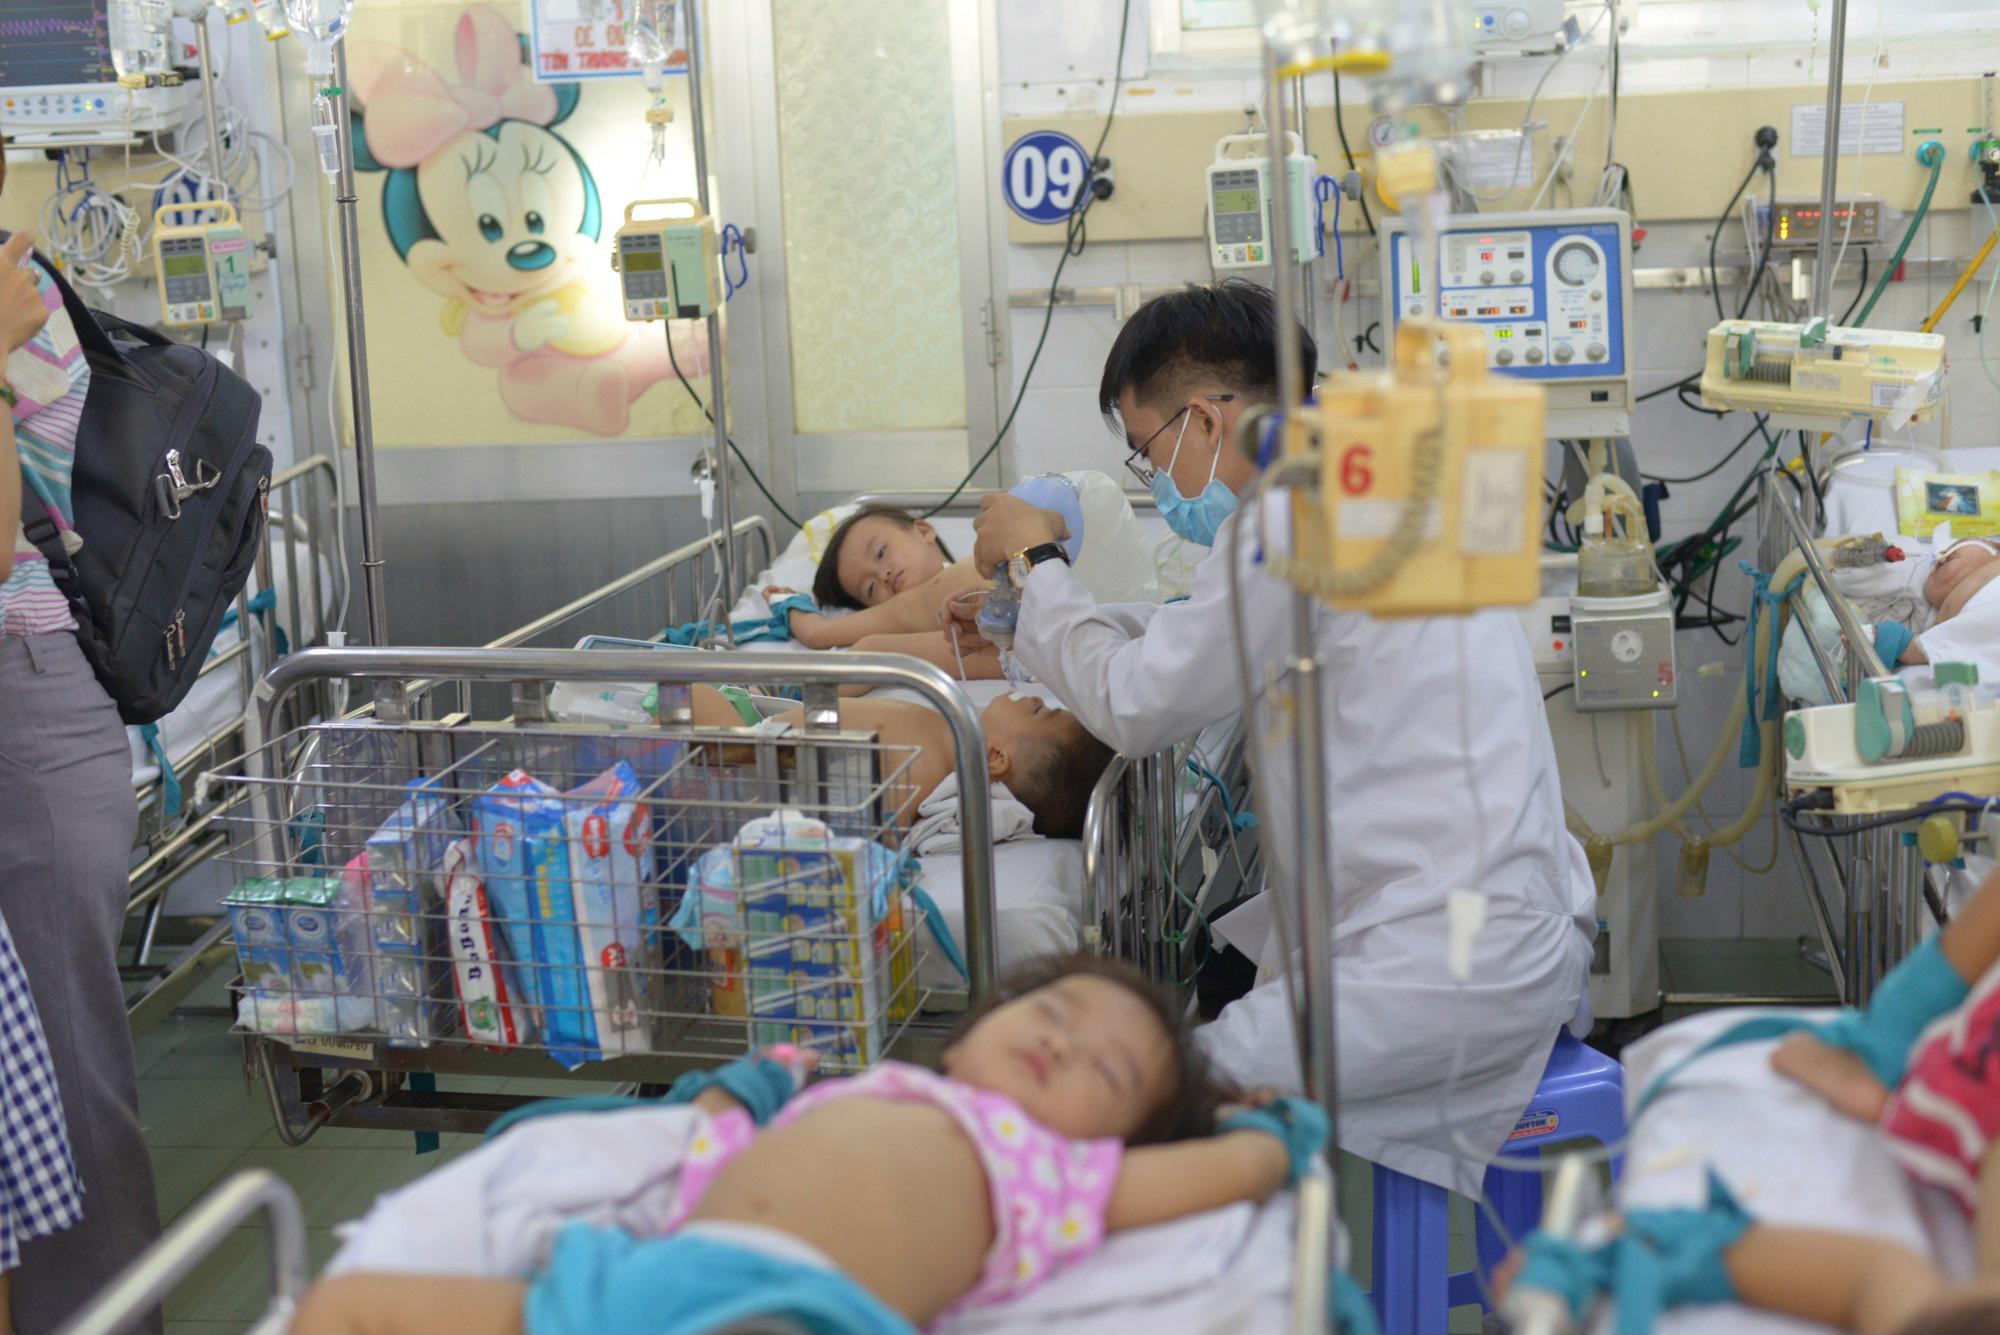 Bộ Y tế gửi công văn khẩn về phòng chống dịch tay chân miệng 1